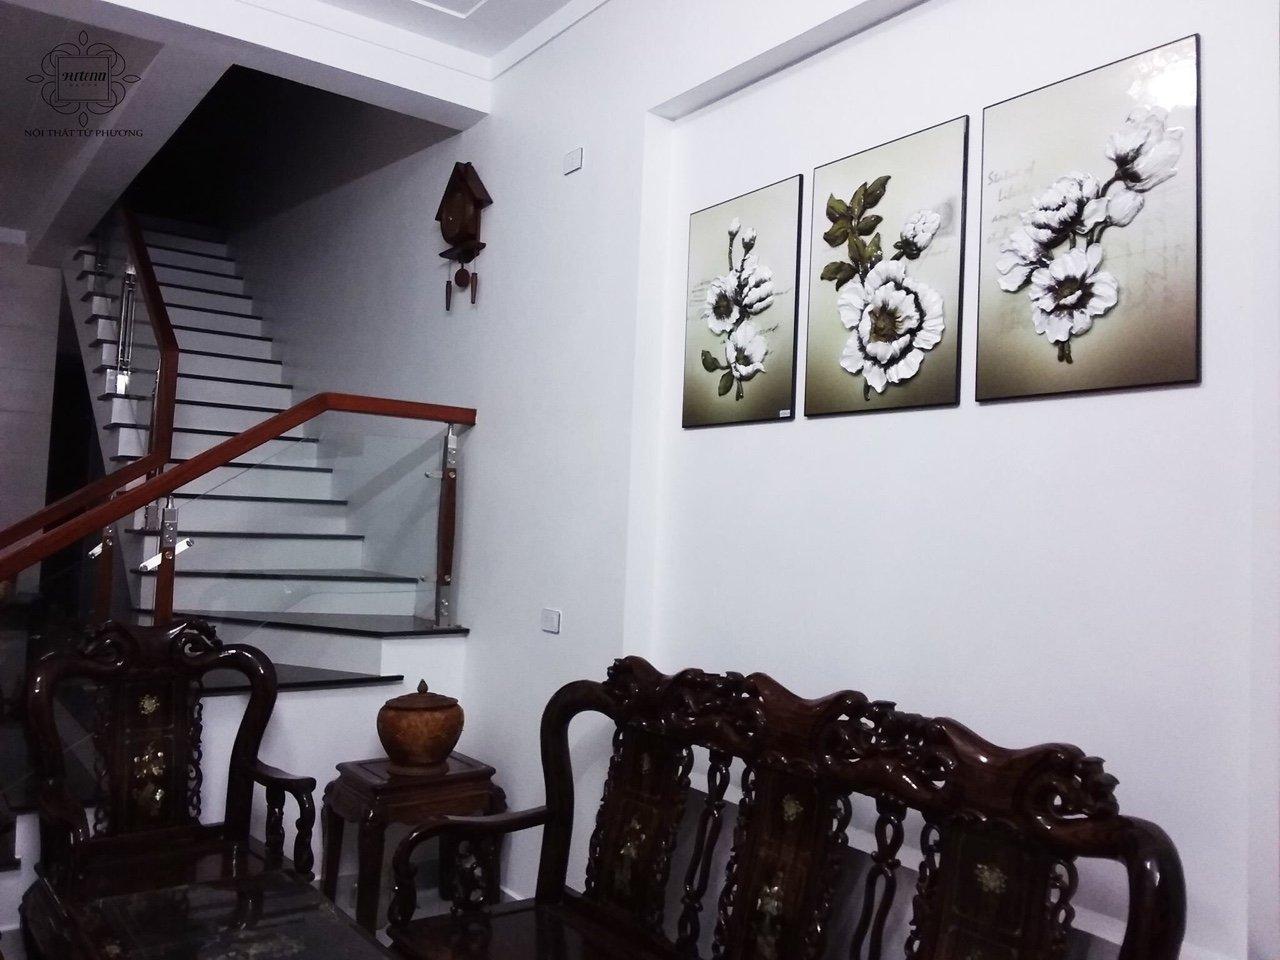 Chiếc đèn bàn soi tranh xinh đẹp của Artena có thể giúp bạn chiếu sáng tại cầu thang và phòng khách